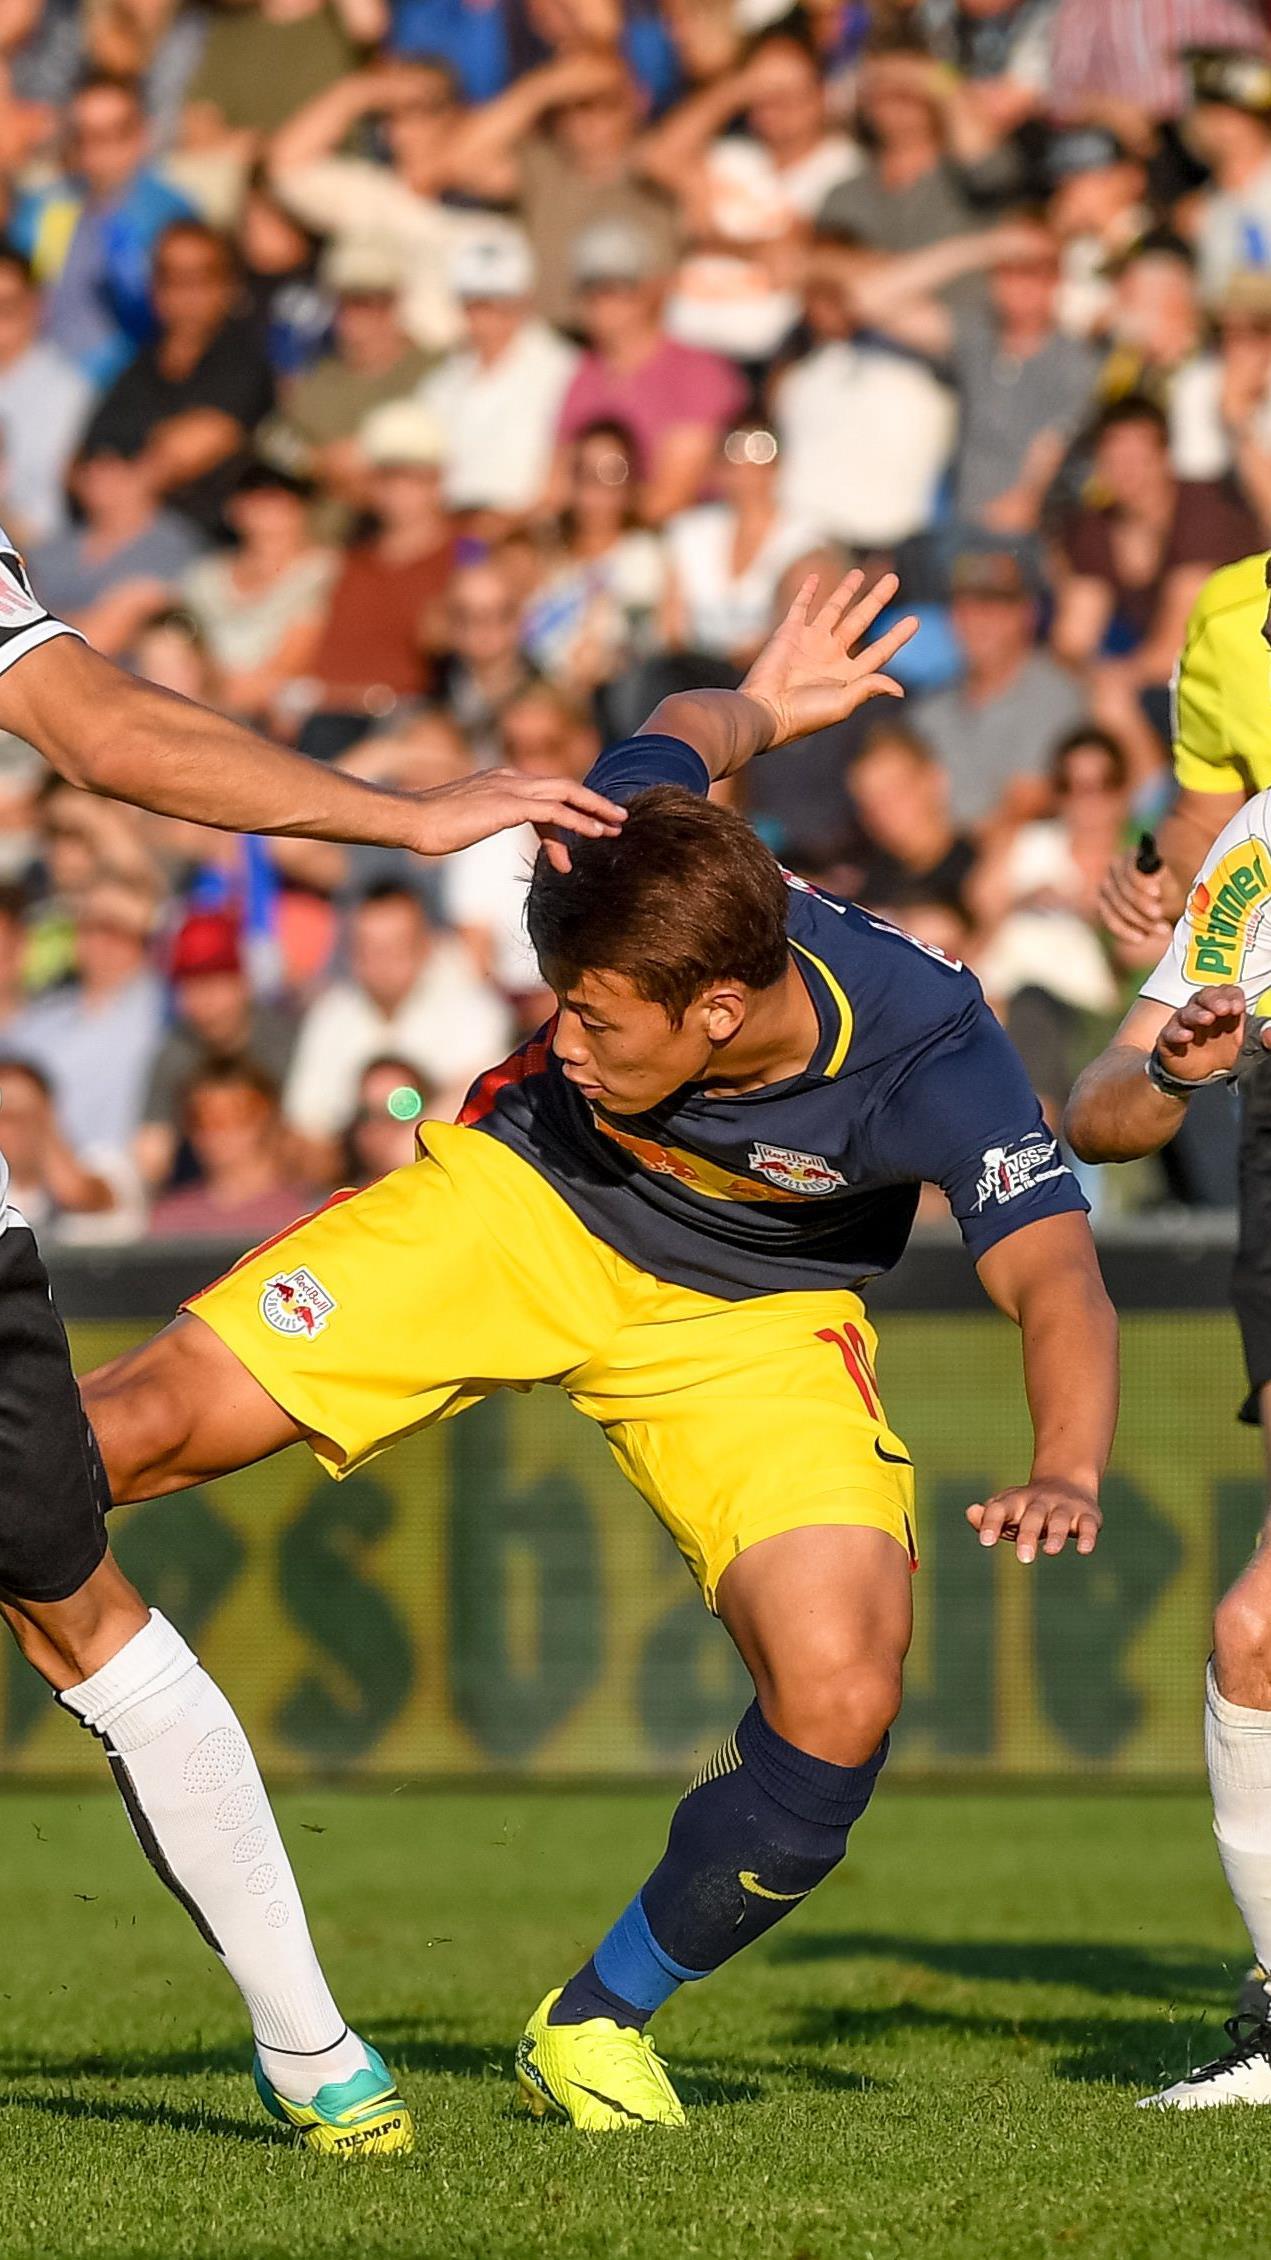 Mit einem Heimsieg gegen Salzburg könnte der SCR Altach noch in den Kampf um die Tabellenspitze eingreifen.